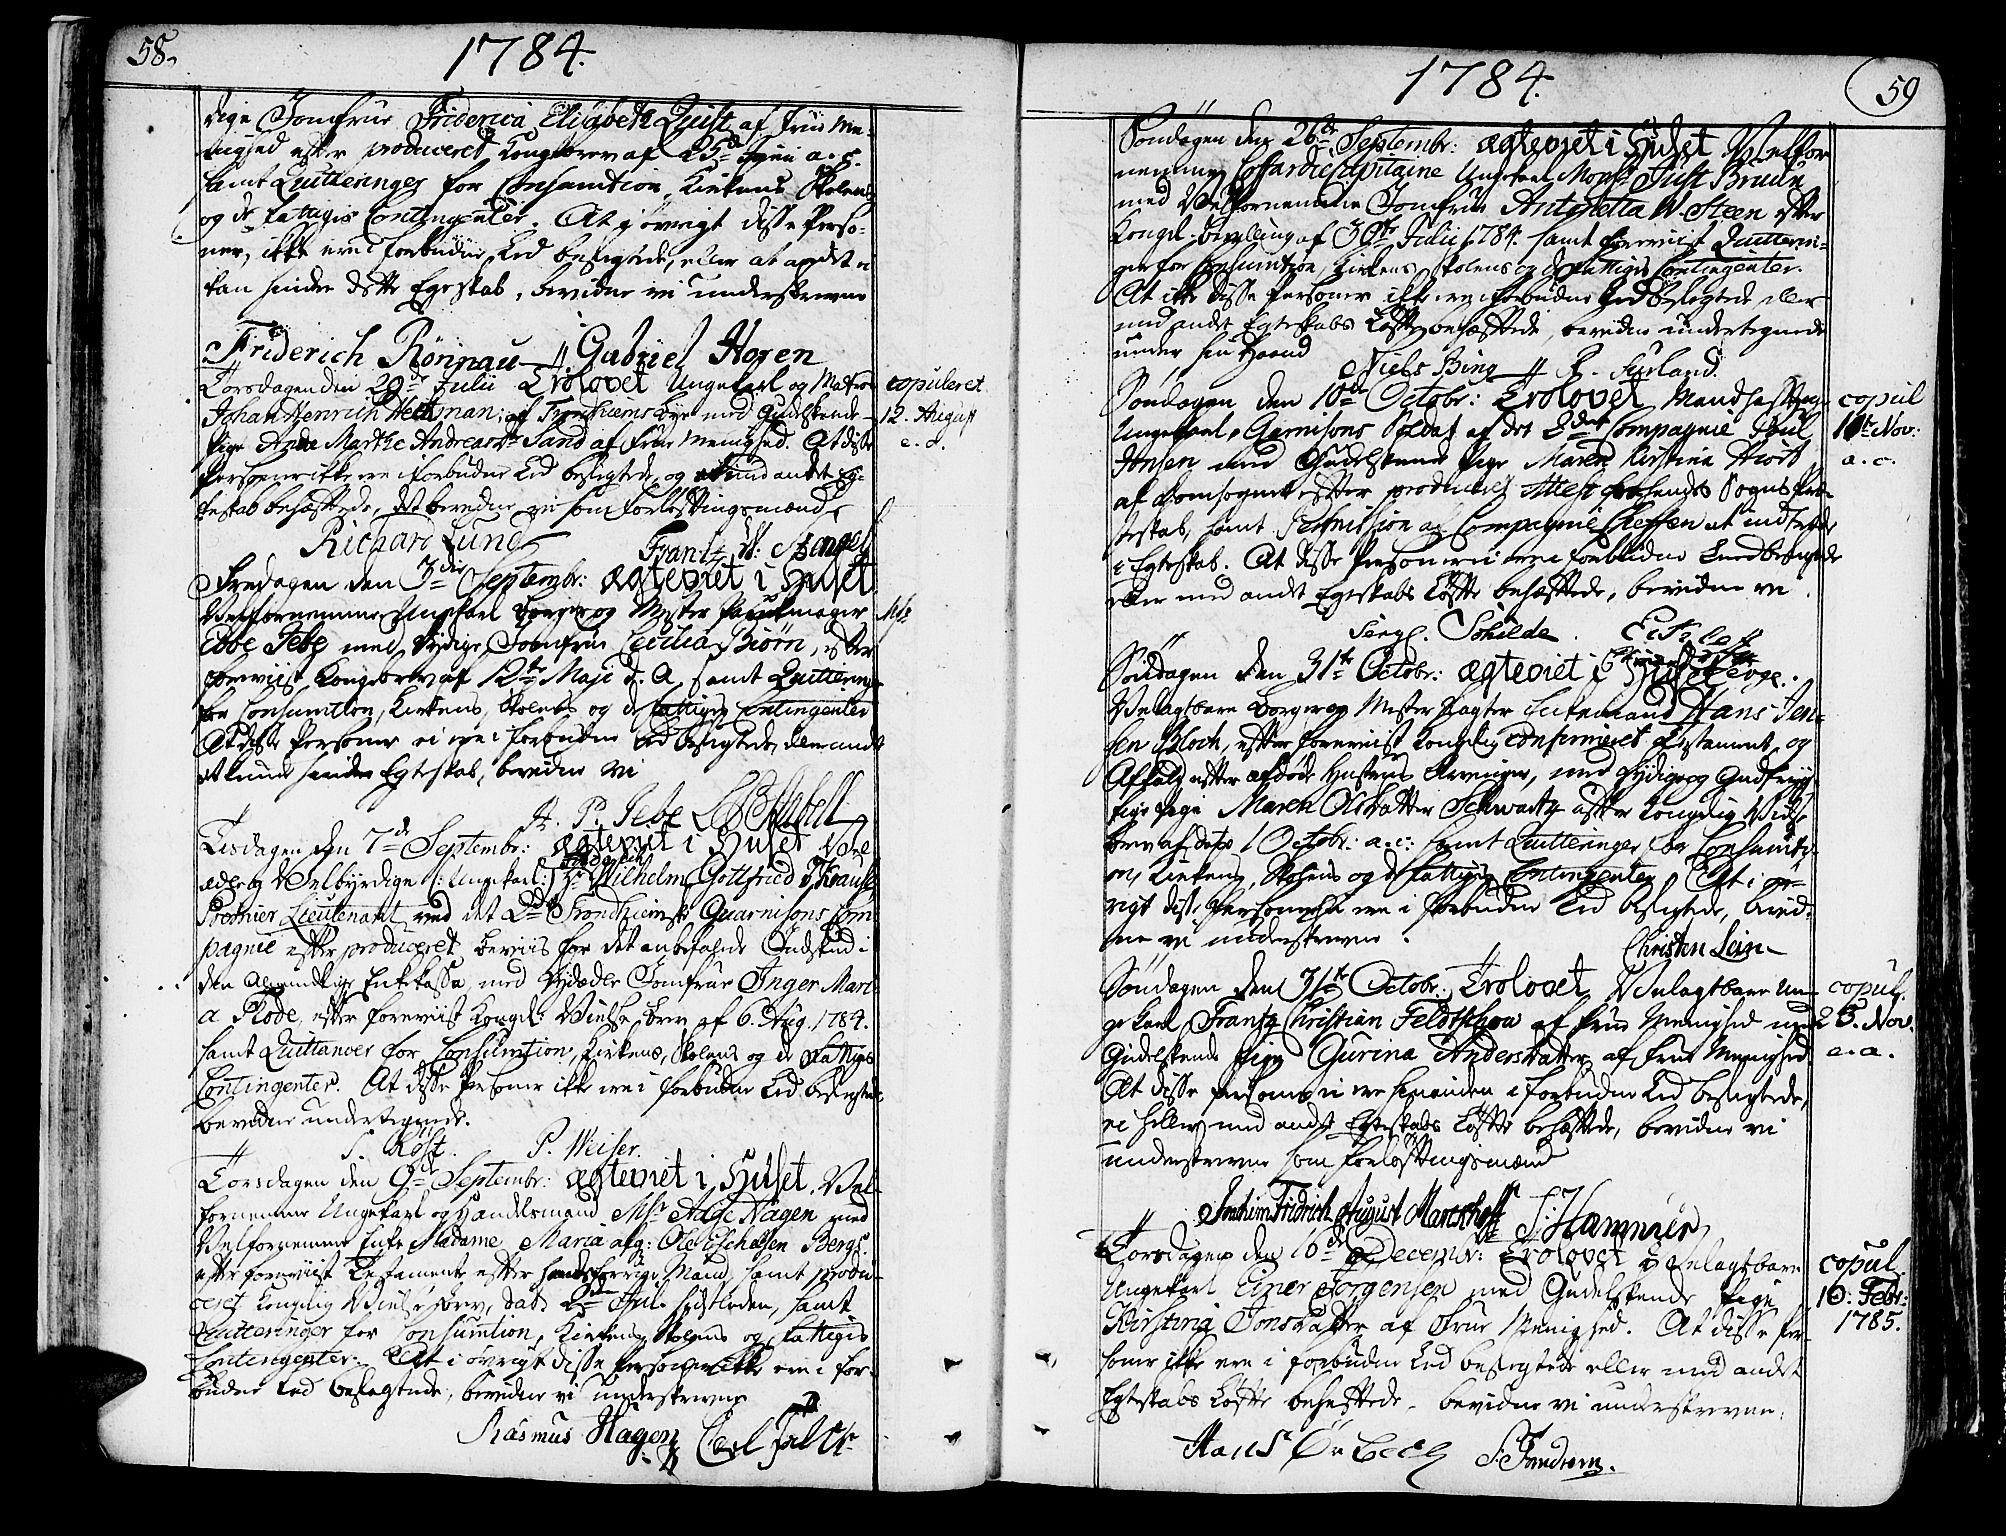 SAT, Ministerialprotokoller, klokkerbøker og fødselsregistre - Sør-Trøndelag, 602/L0105: Ministerialbok nr. 602A03, 1774-1814, s. 58-59